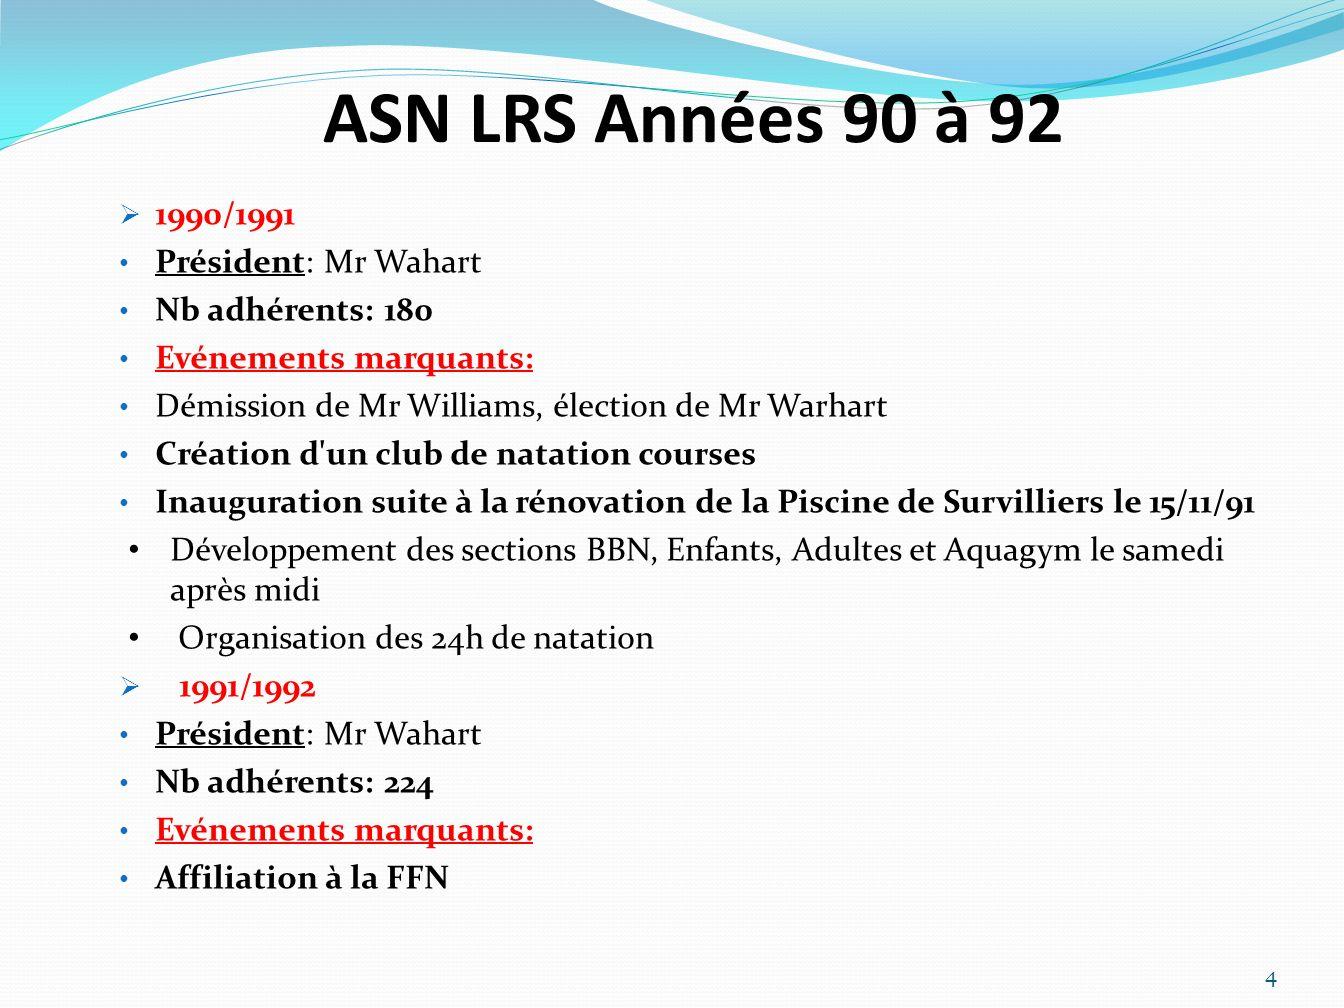 ASN LRS Années 90 à 92 1990/1991 Président: Mr Wahart Nb adhérents: 180 Evénements marquants: Démission de Mr Williams, élection de Mr Warhart Créatio